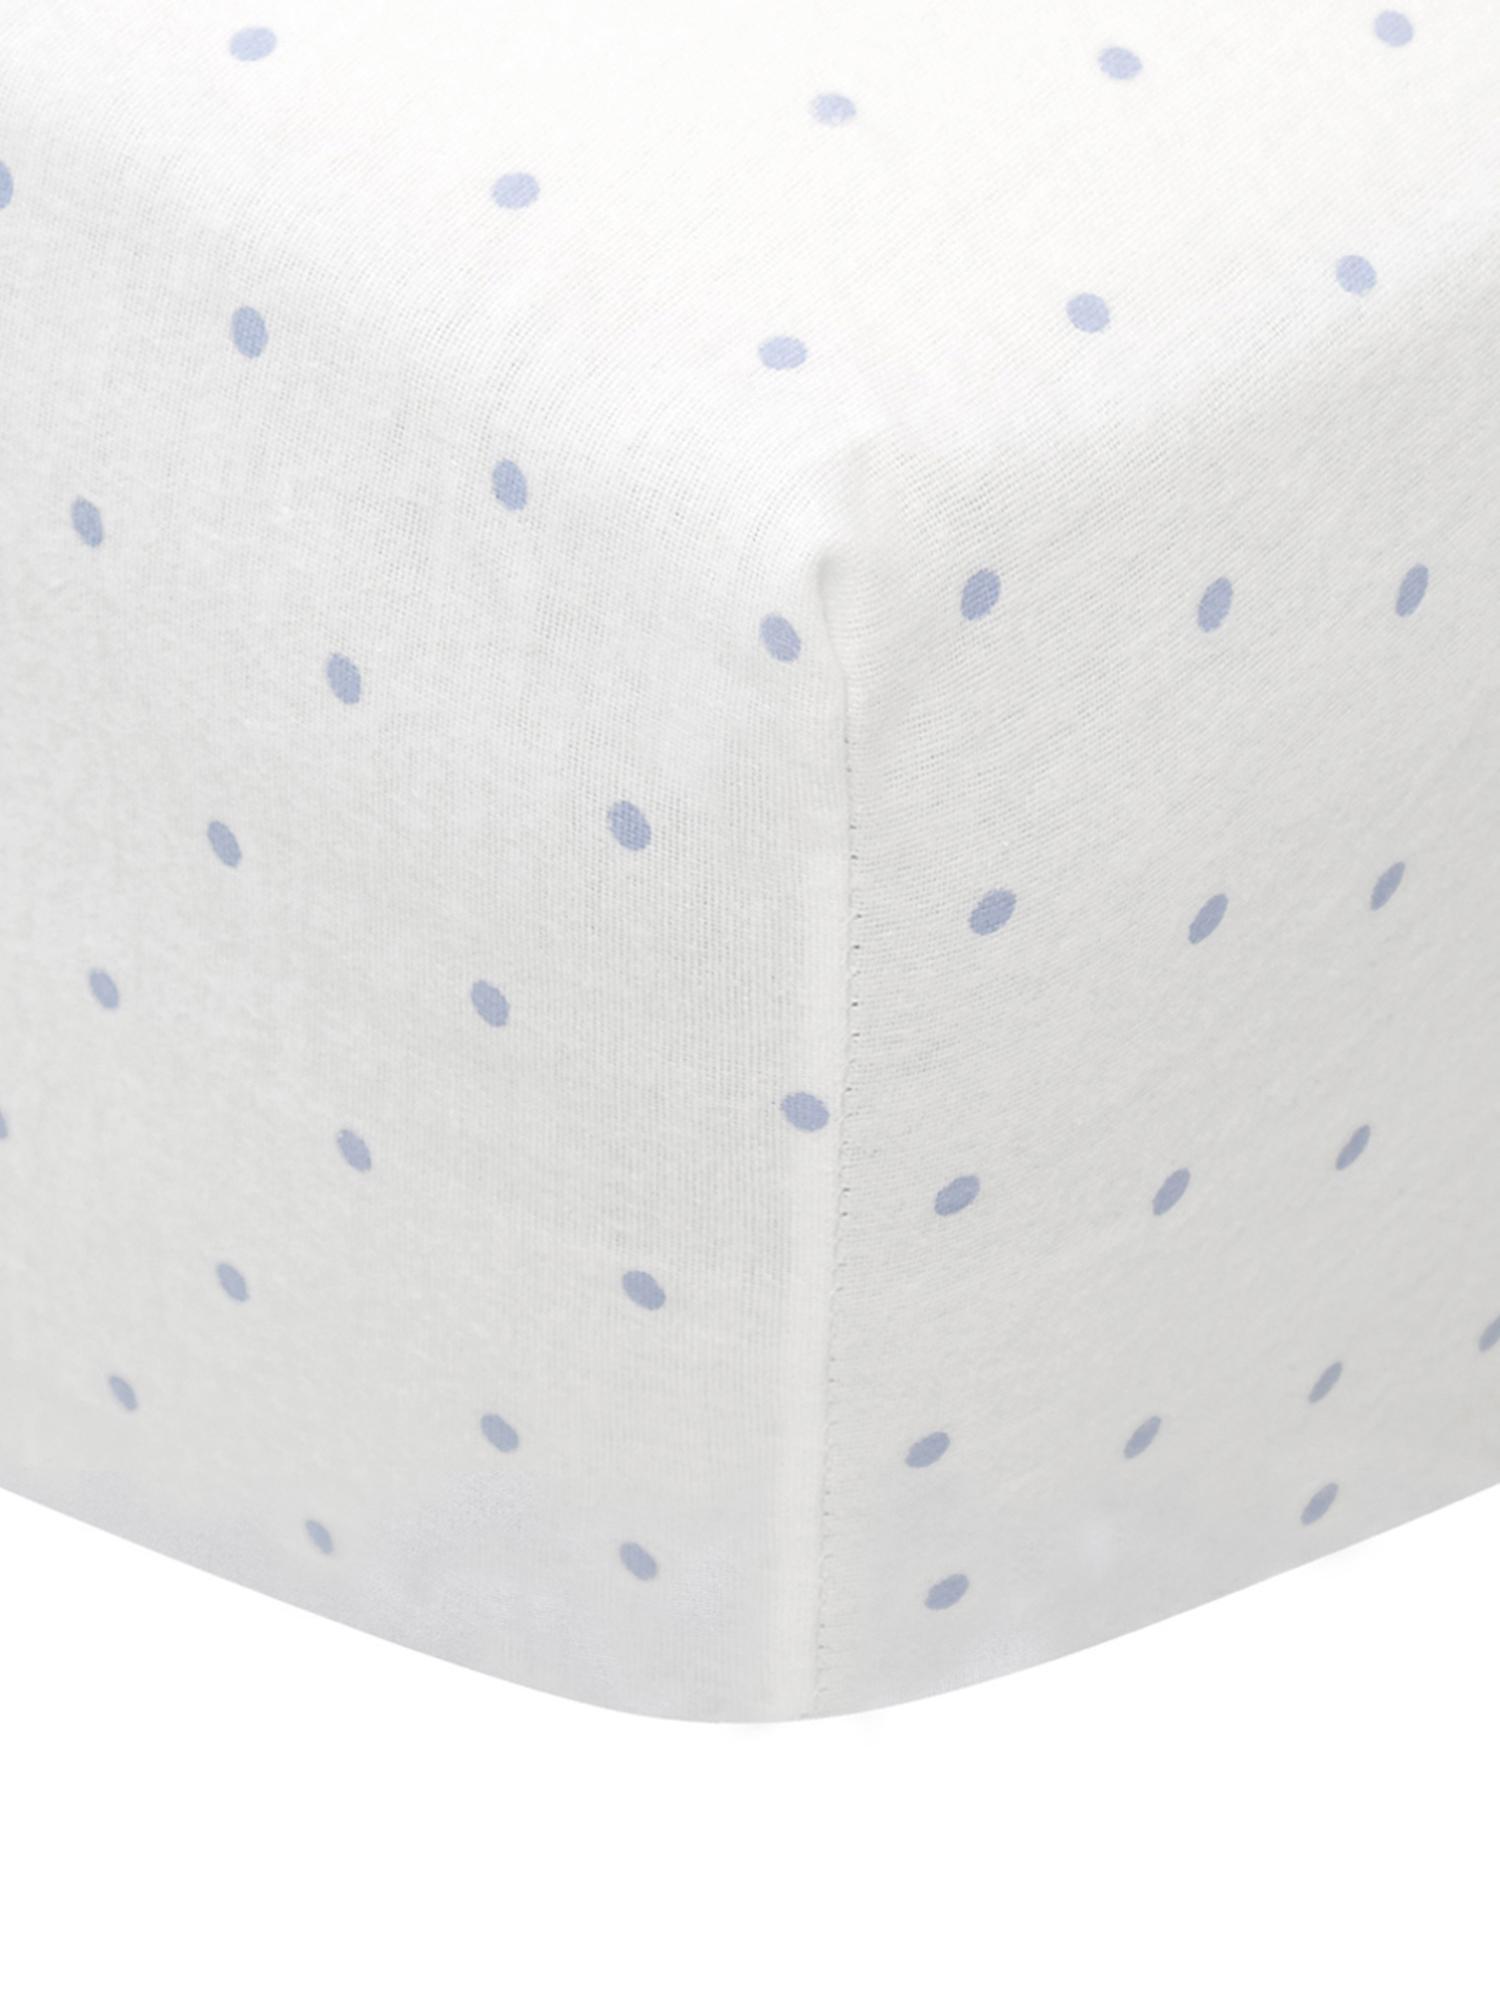 Feinbiber hoeslaken Elisa, 100% katoen, Feinbiber, Lichtblauw, wit, 180 x 200 cm